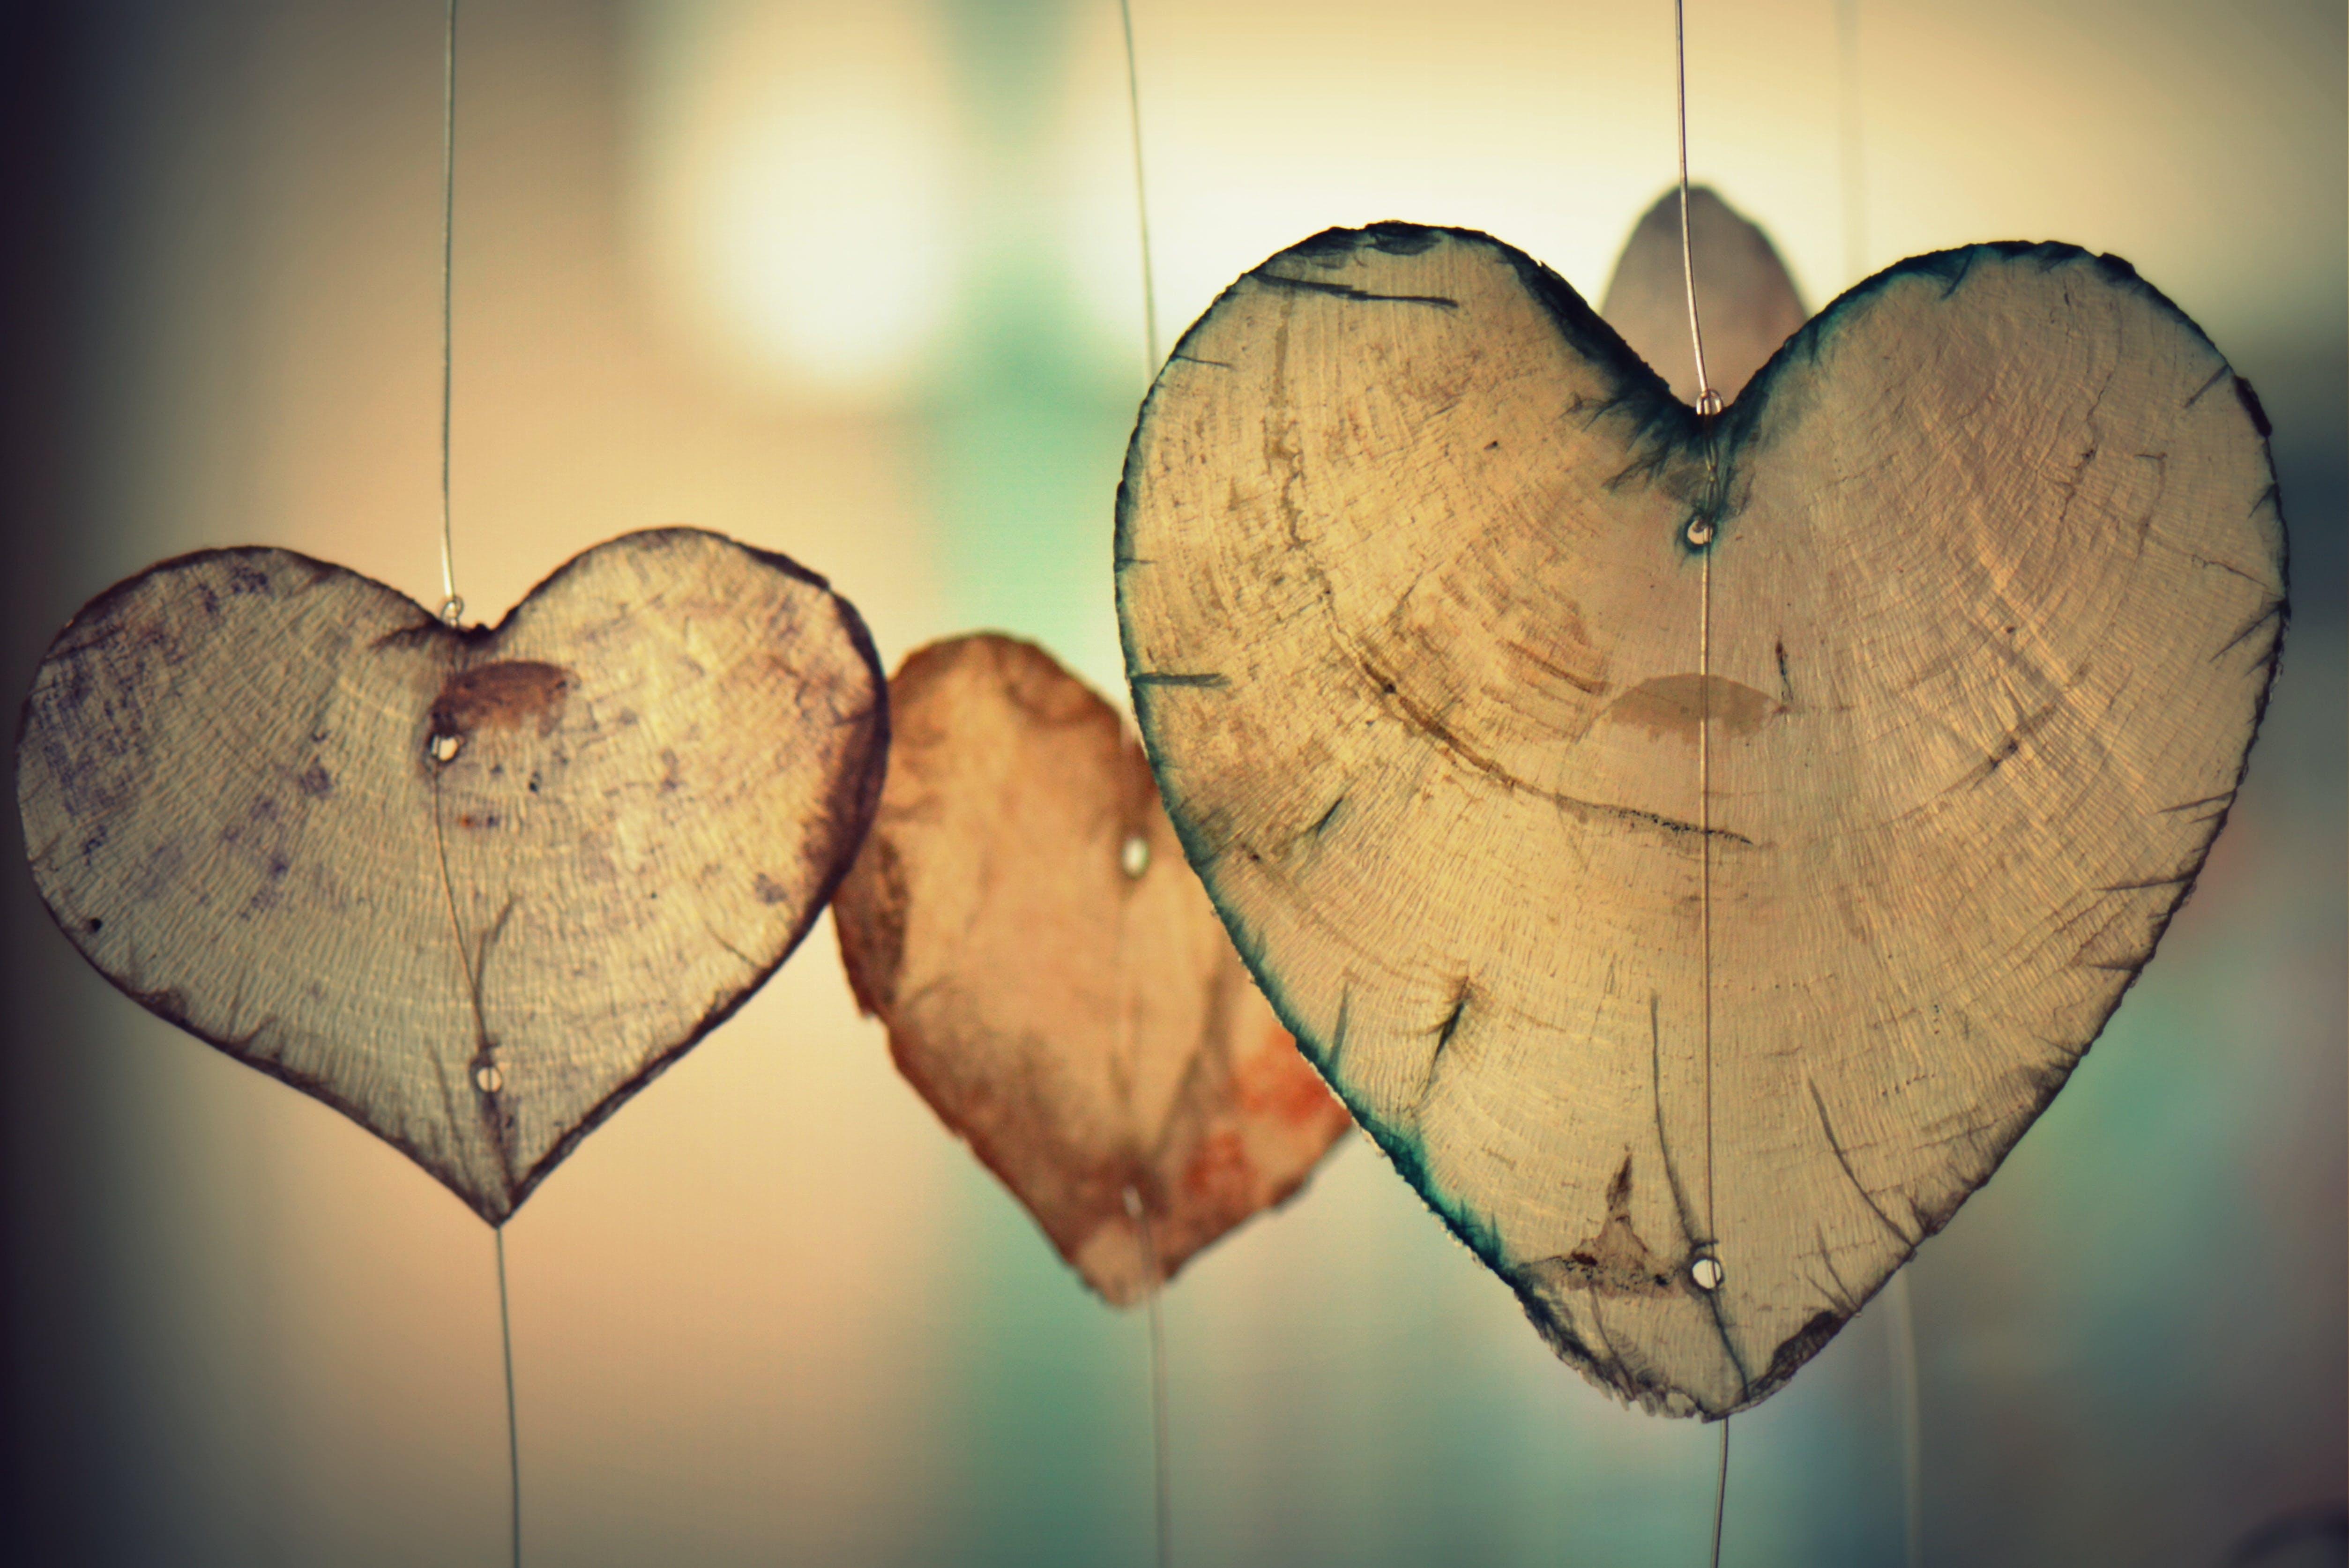 Kostenloses Stock Foto zu herz, romantisch, romantik, valentin